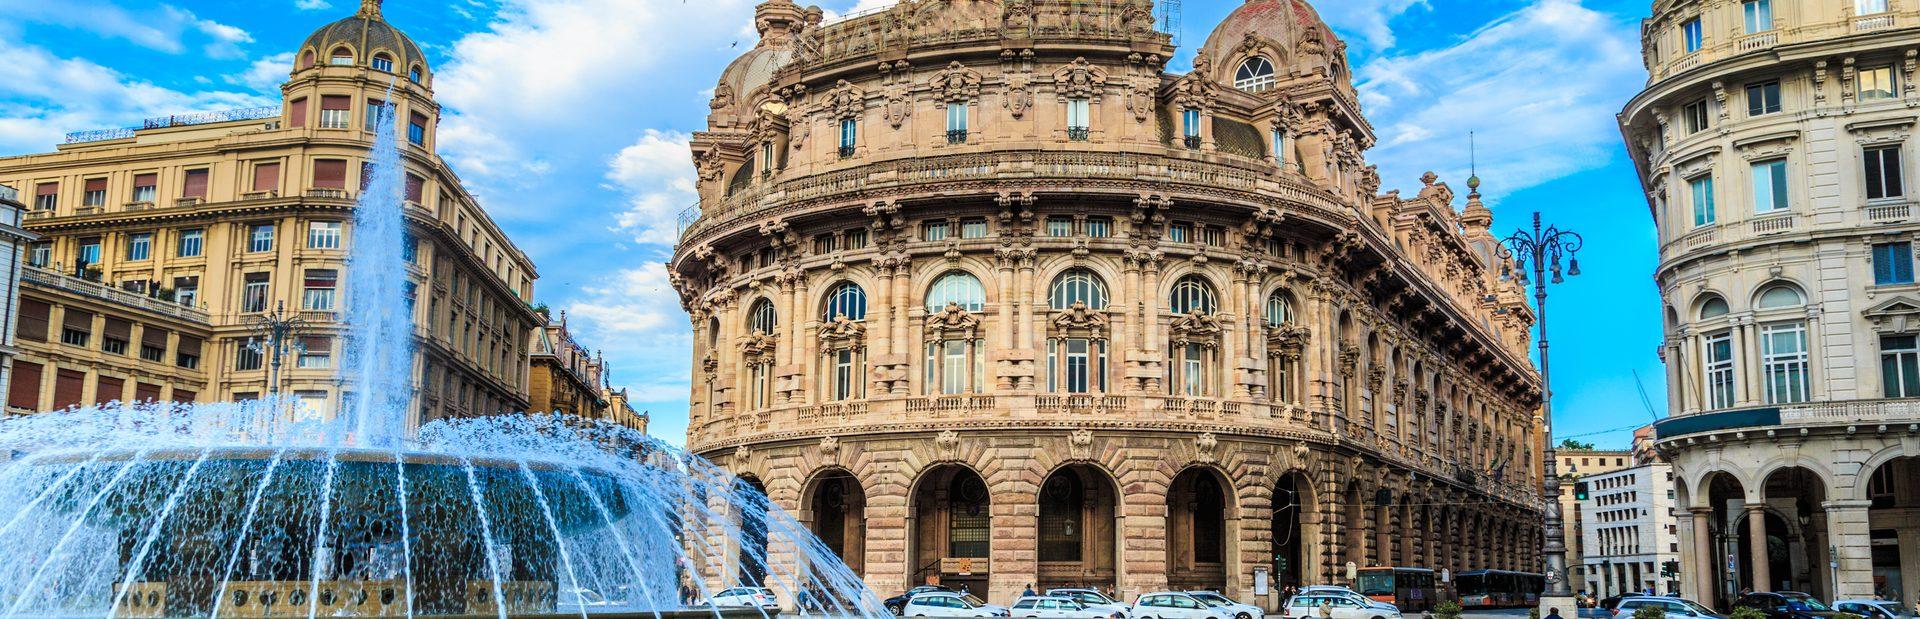 Genoa photo tour